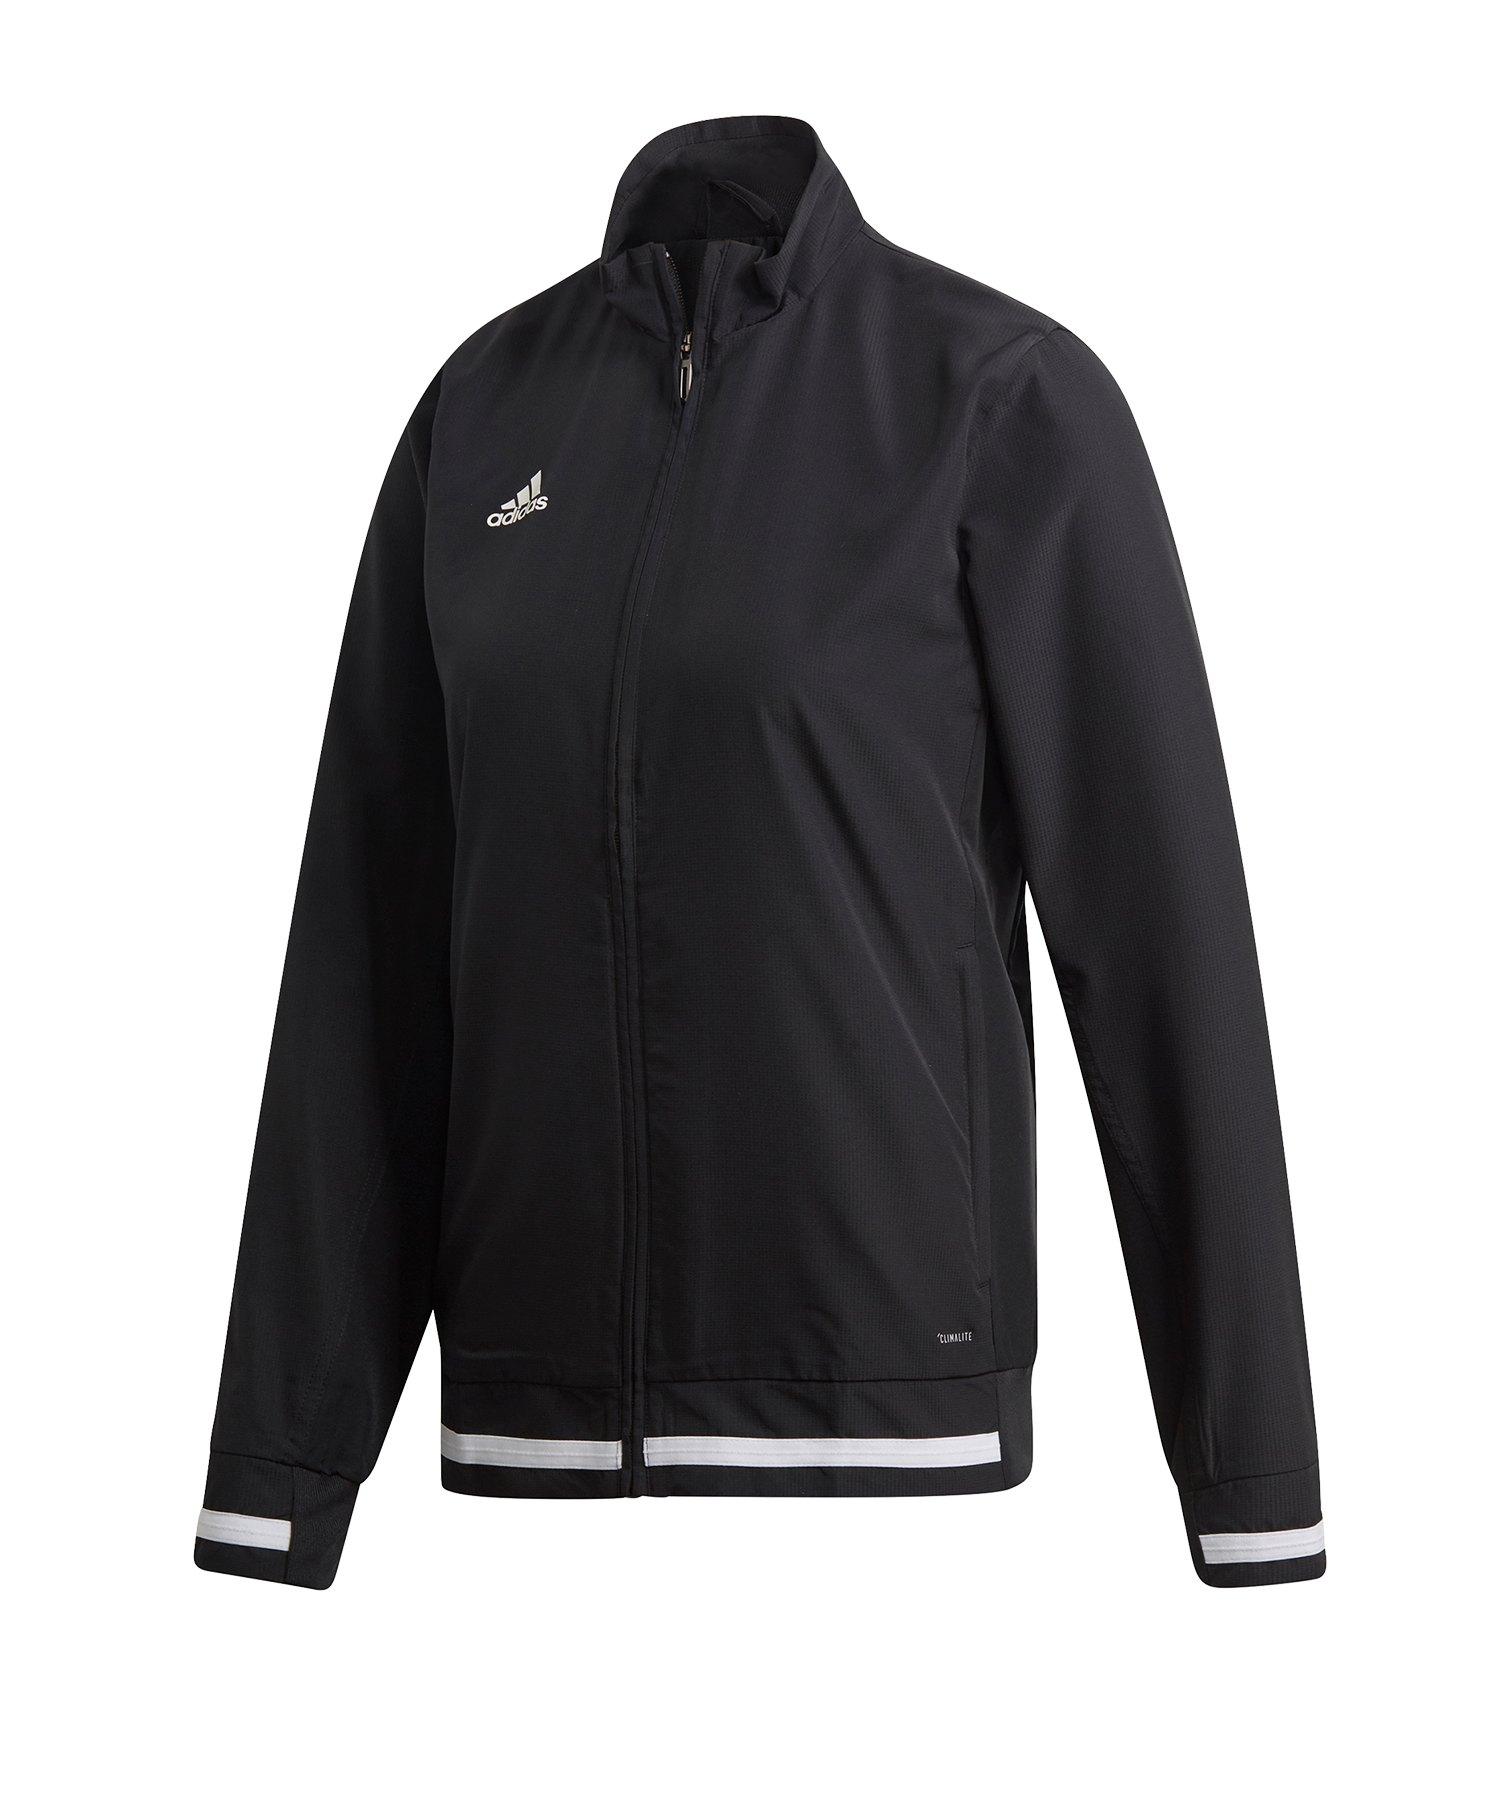 adidas Team 19 Woven Jacket Damen Schwarz Weiss - schwarz